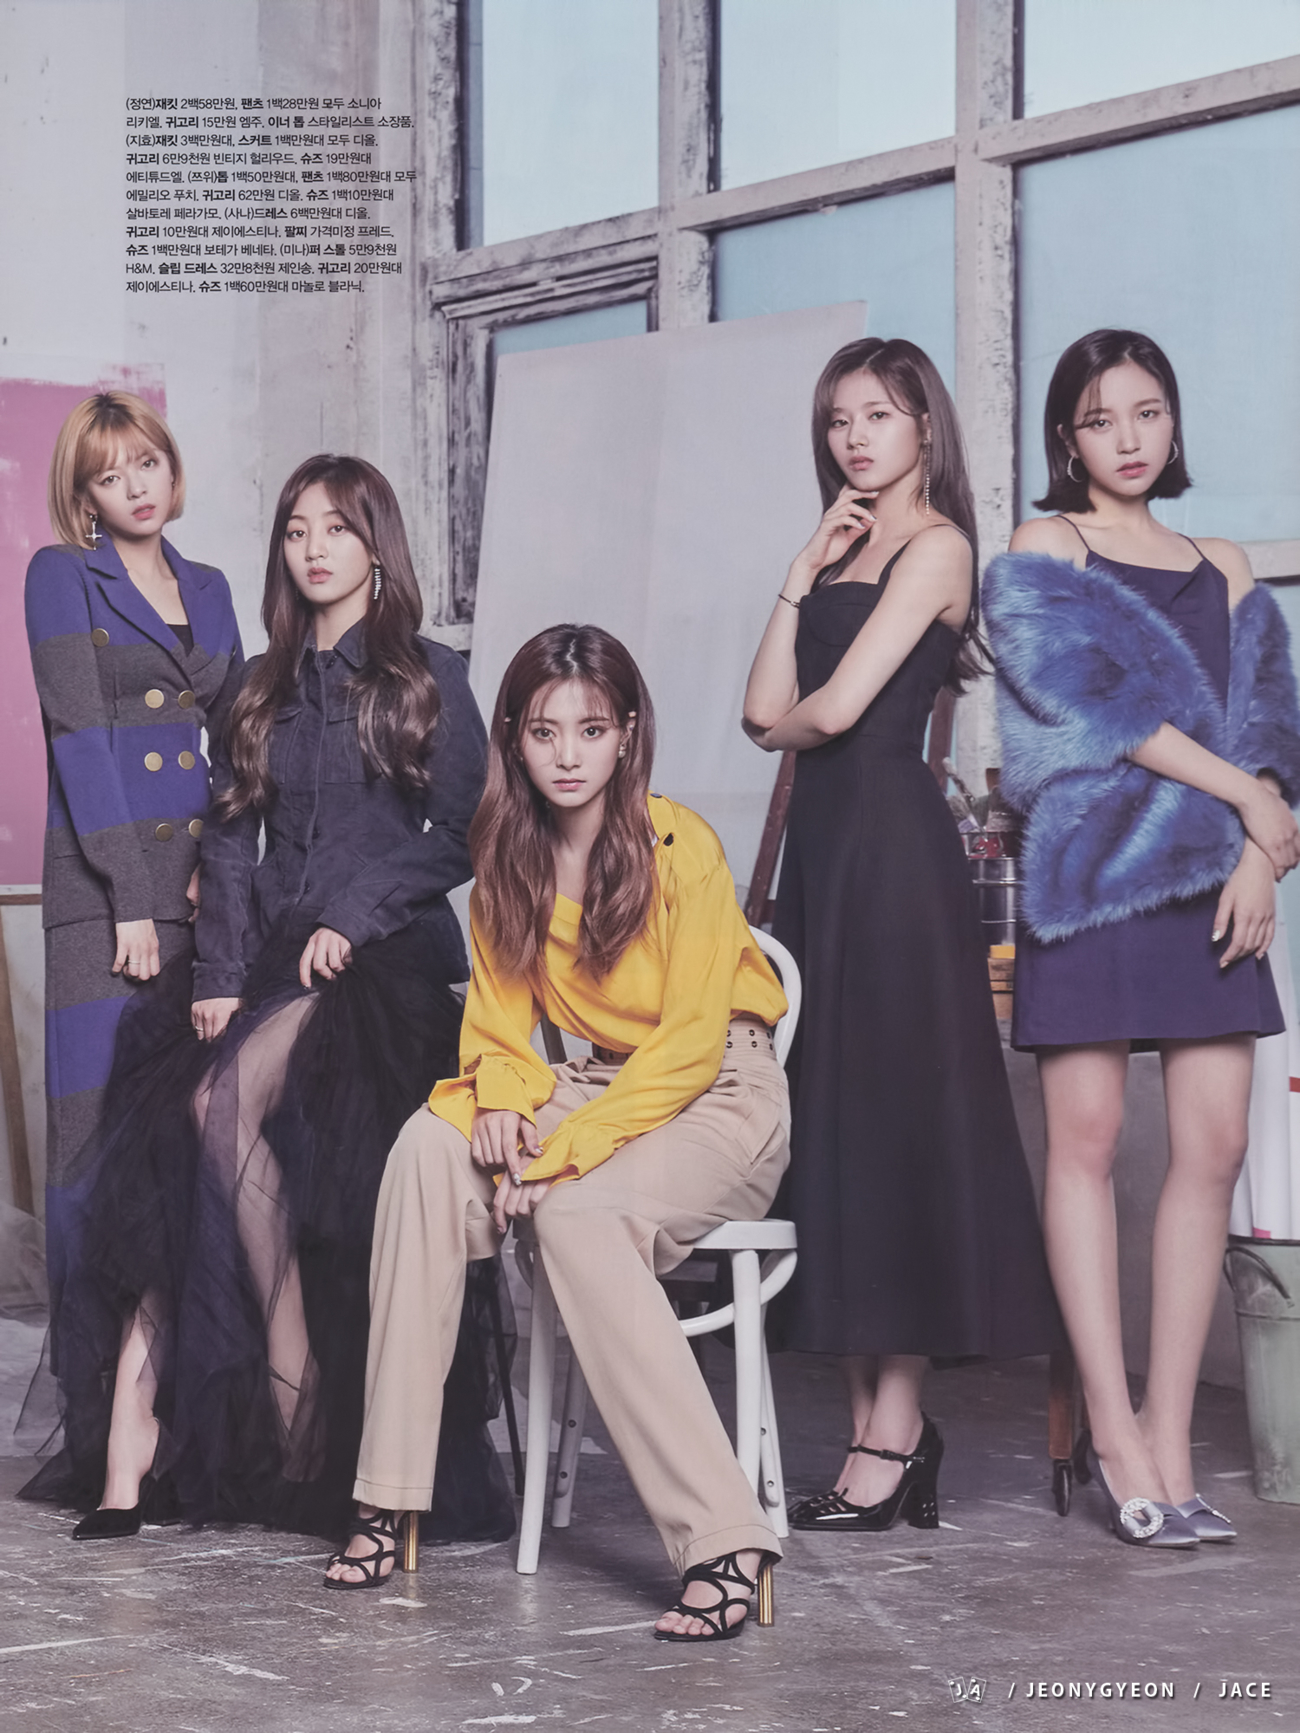 Twice xuất hiện đầy quyến rũ trên bìa tạp chí danh tiếng